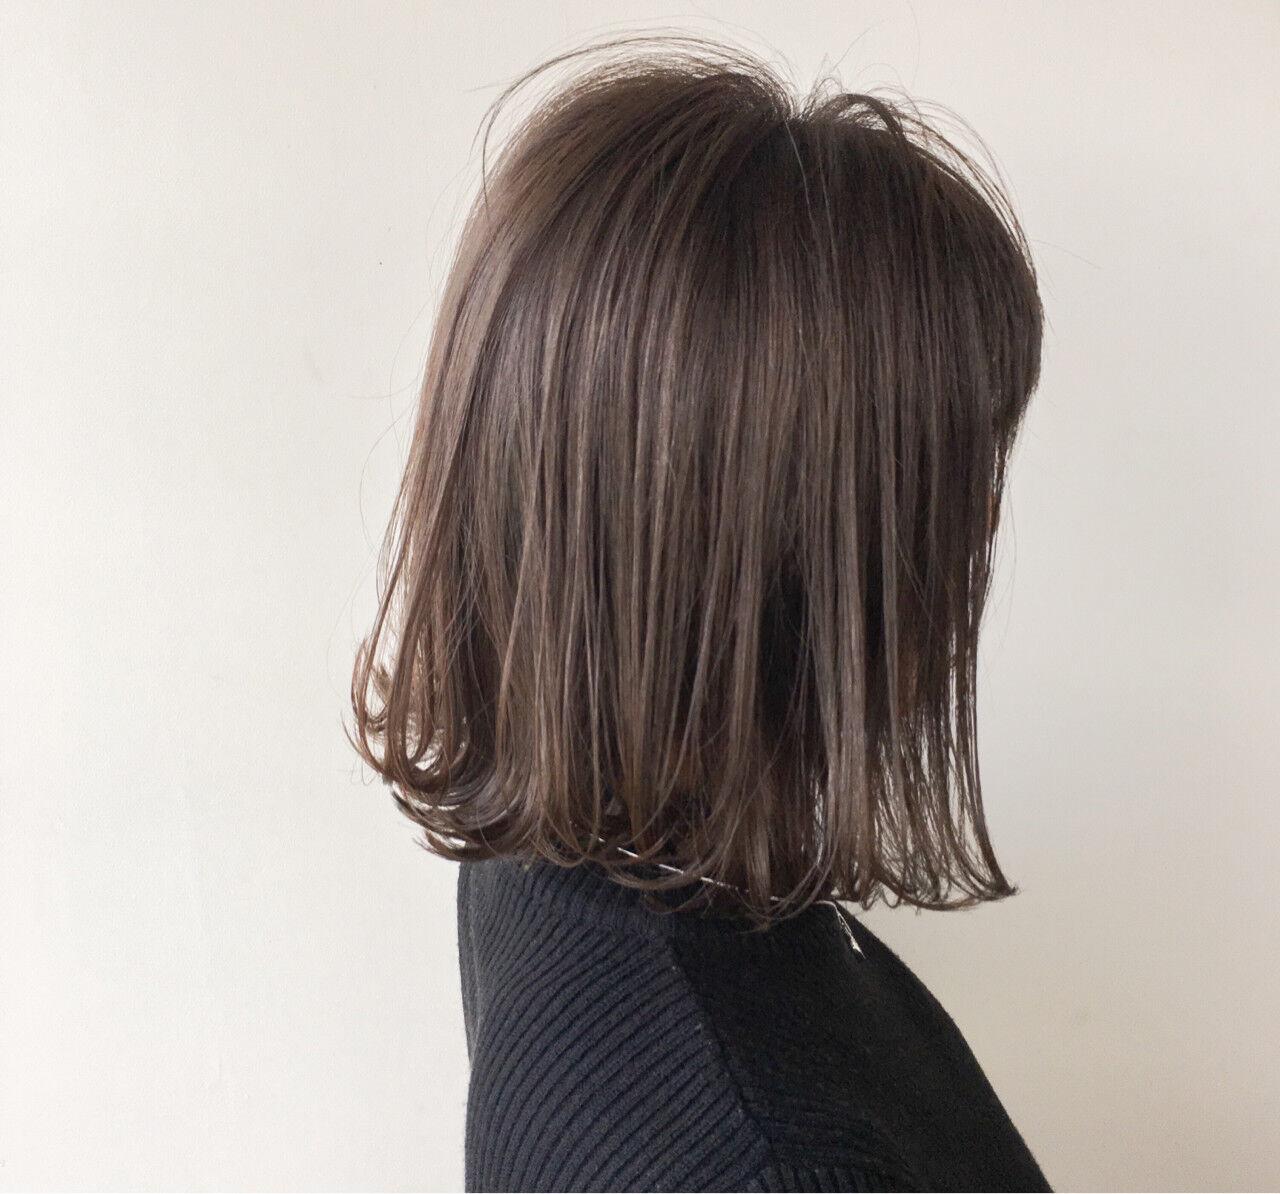 デート グレージュ ナチュラル ボブヘアスタイルや髪型の写真・画像